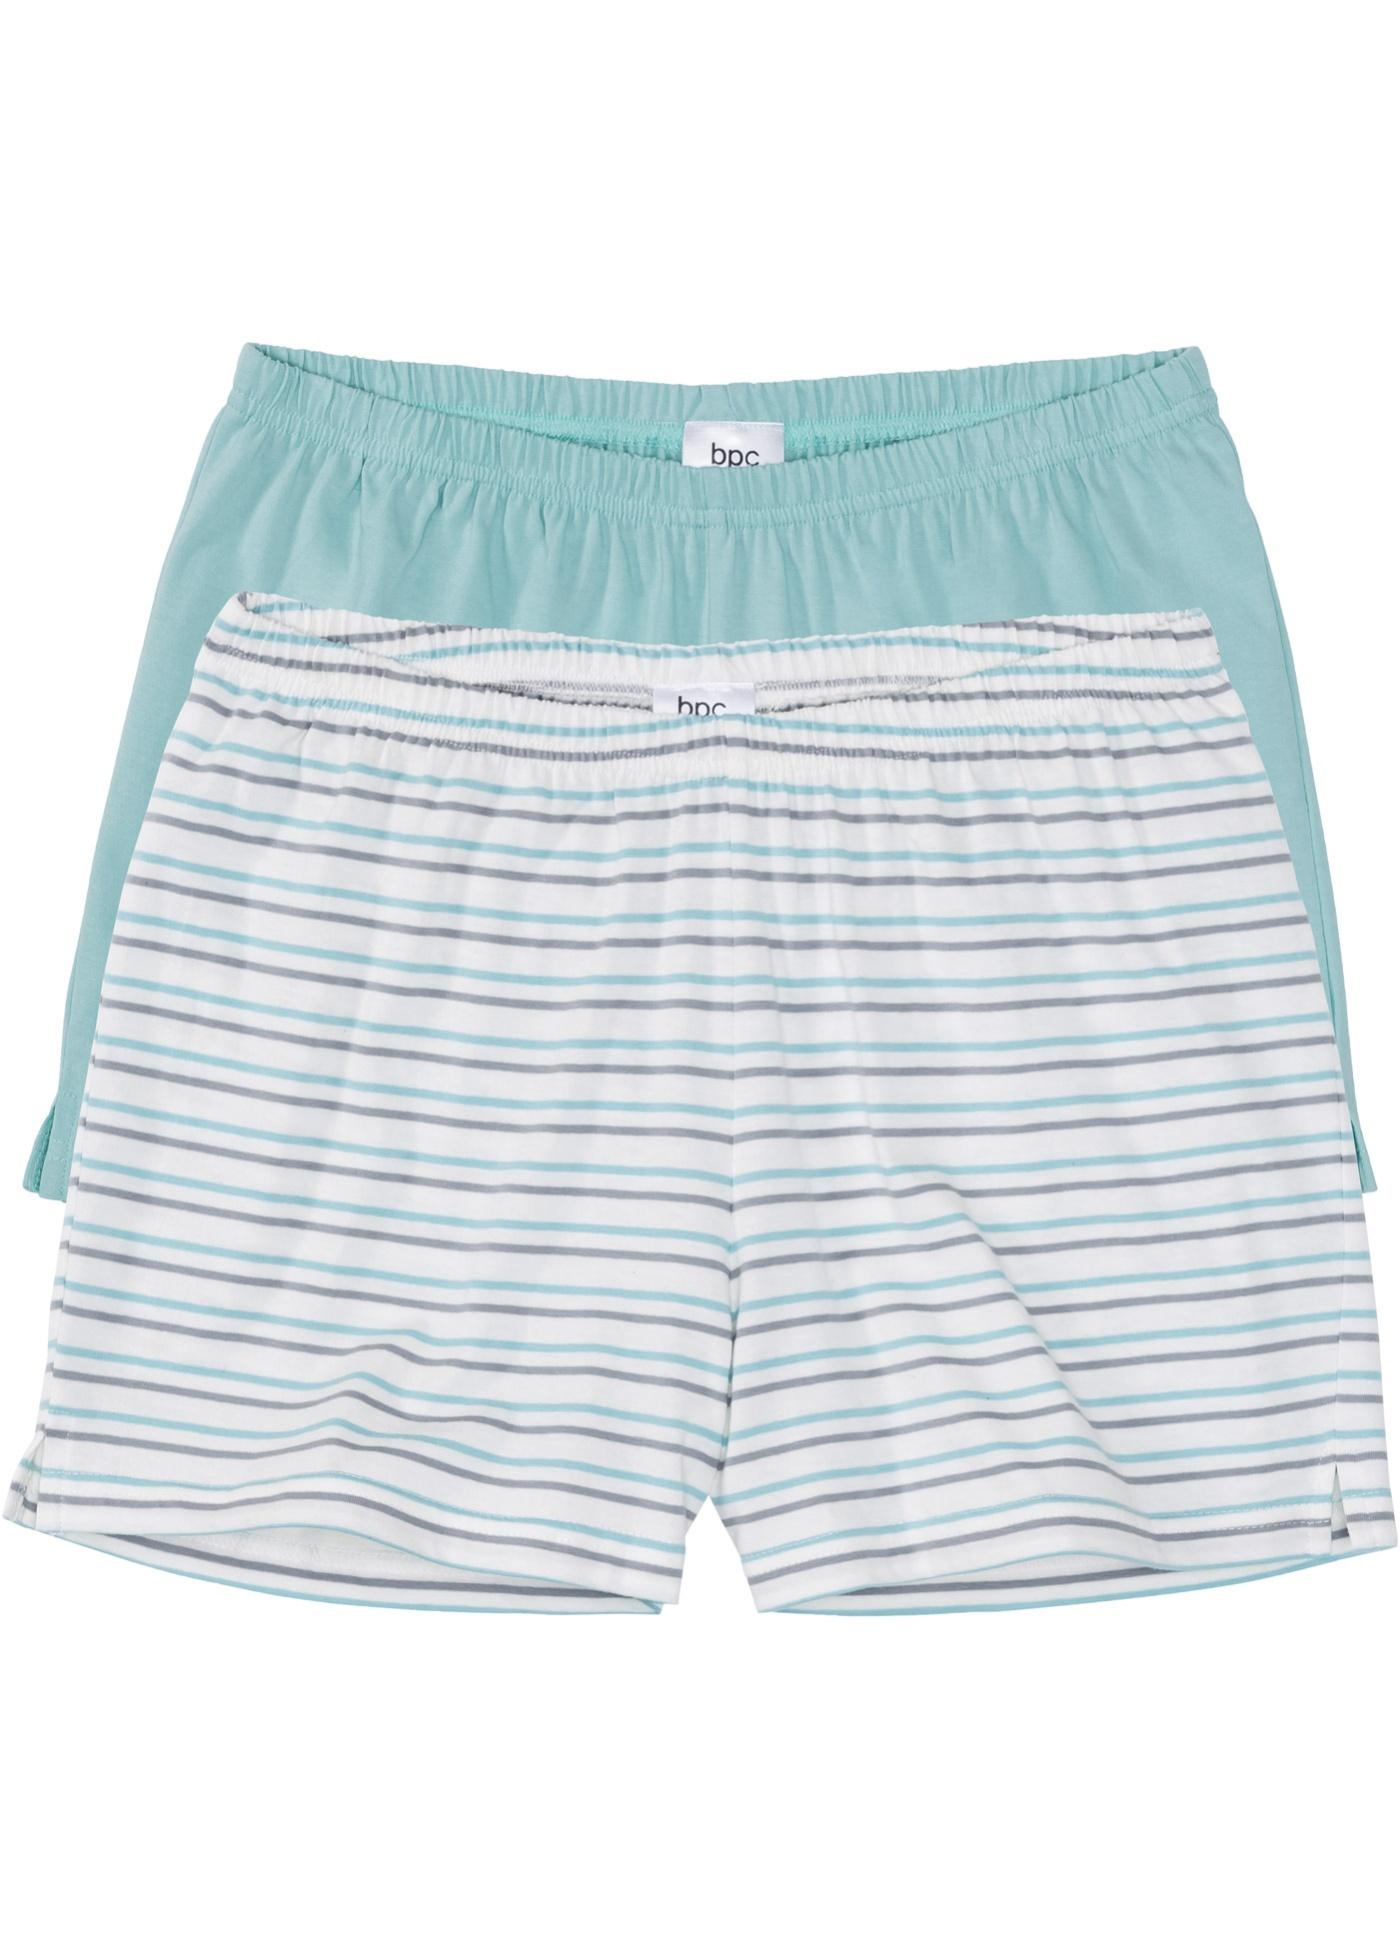 Pyjamasshorts (2-pack)